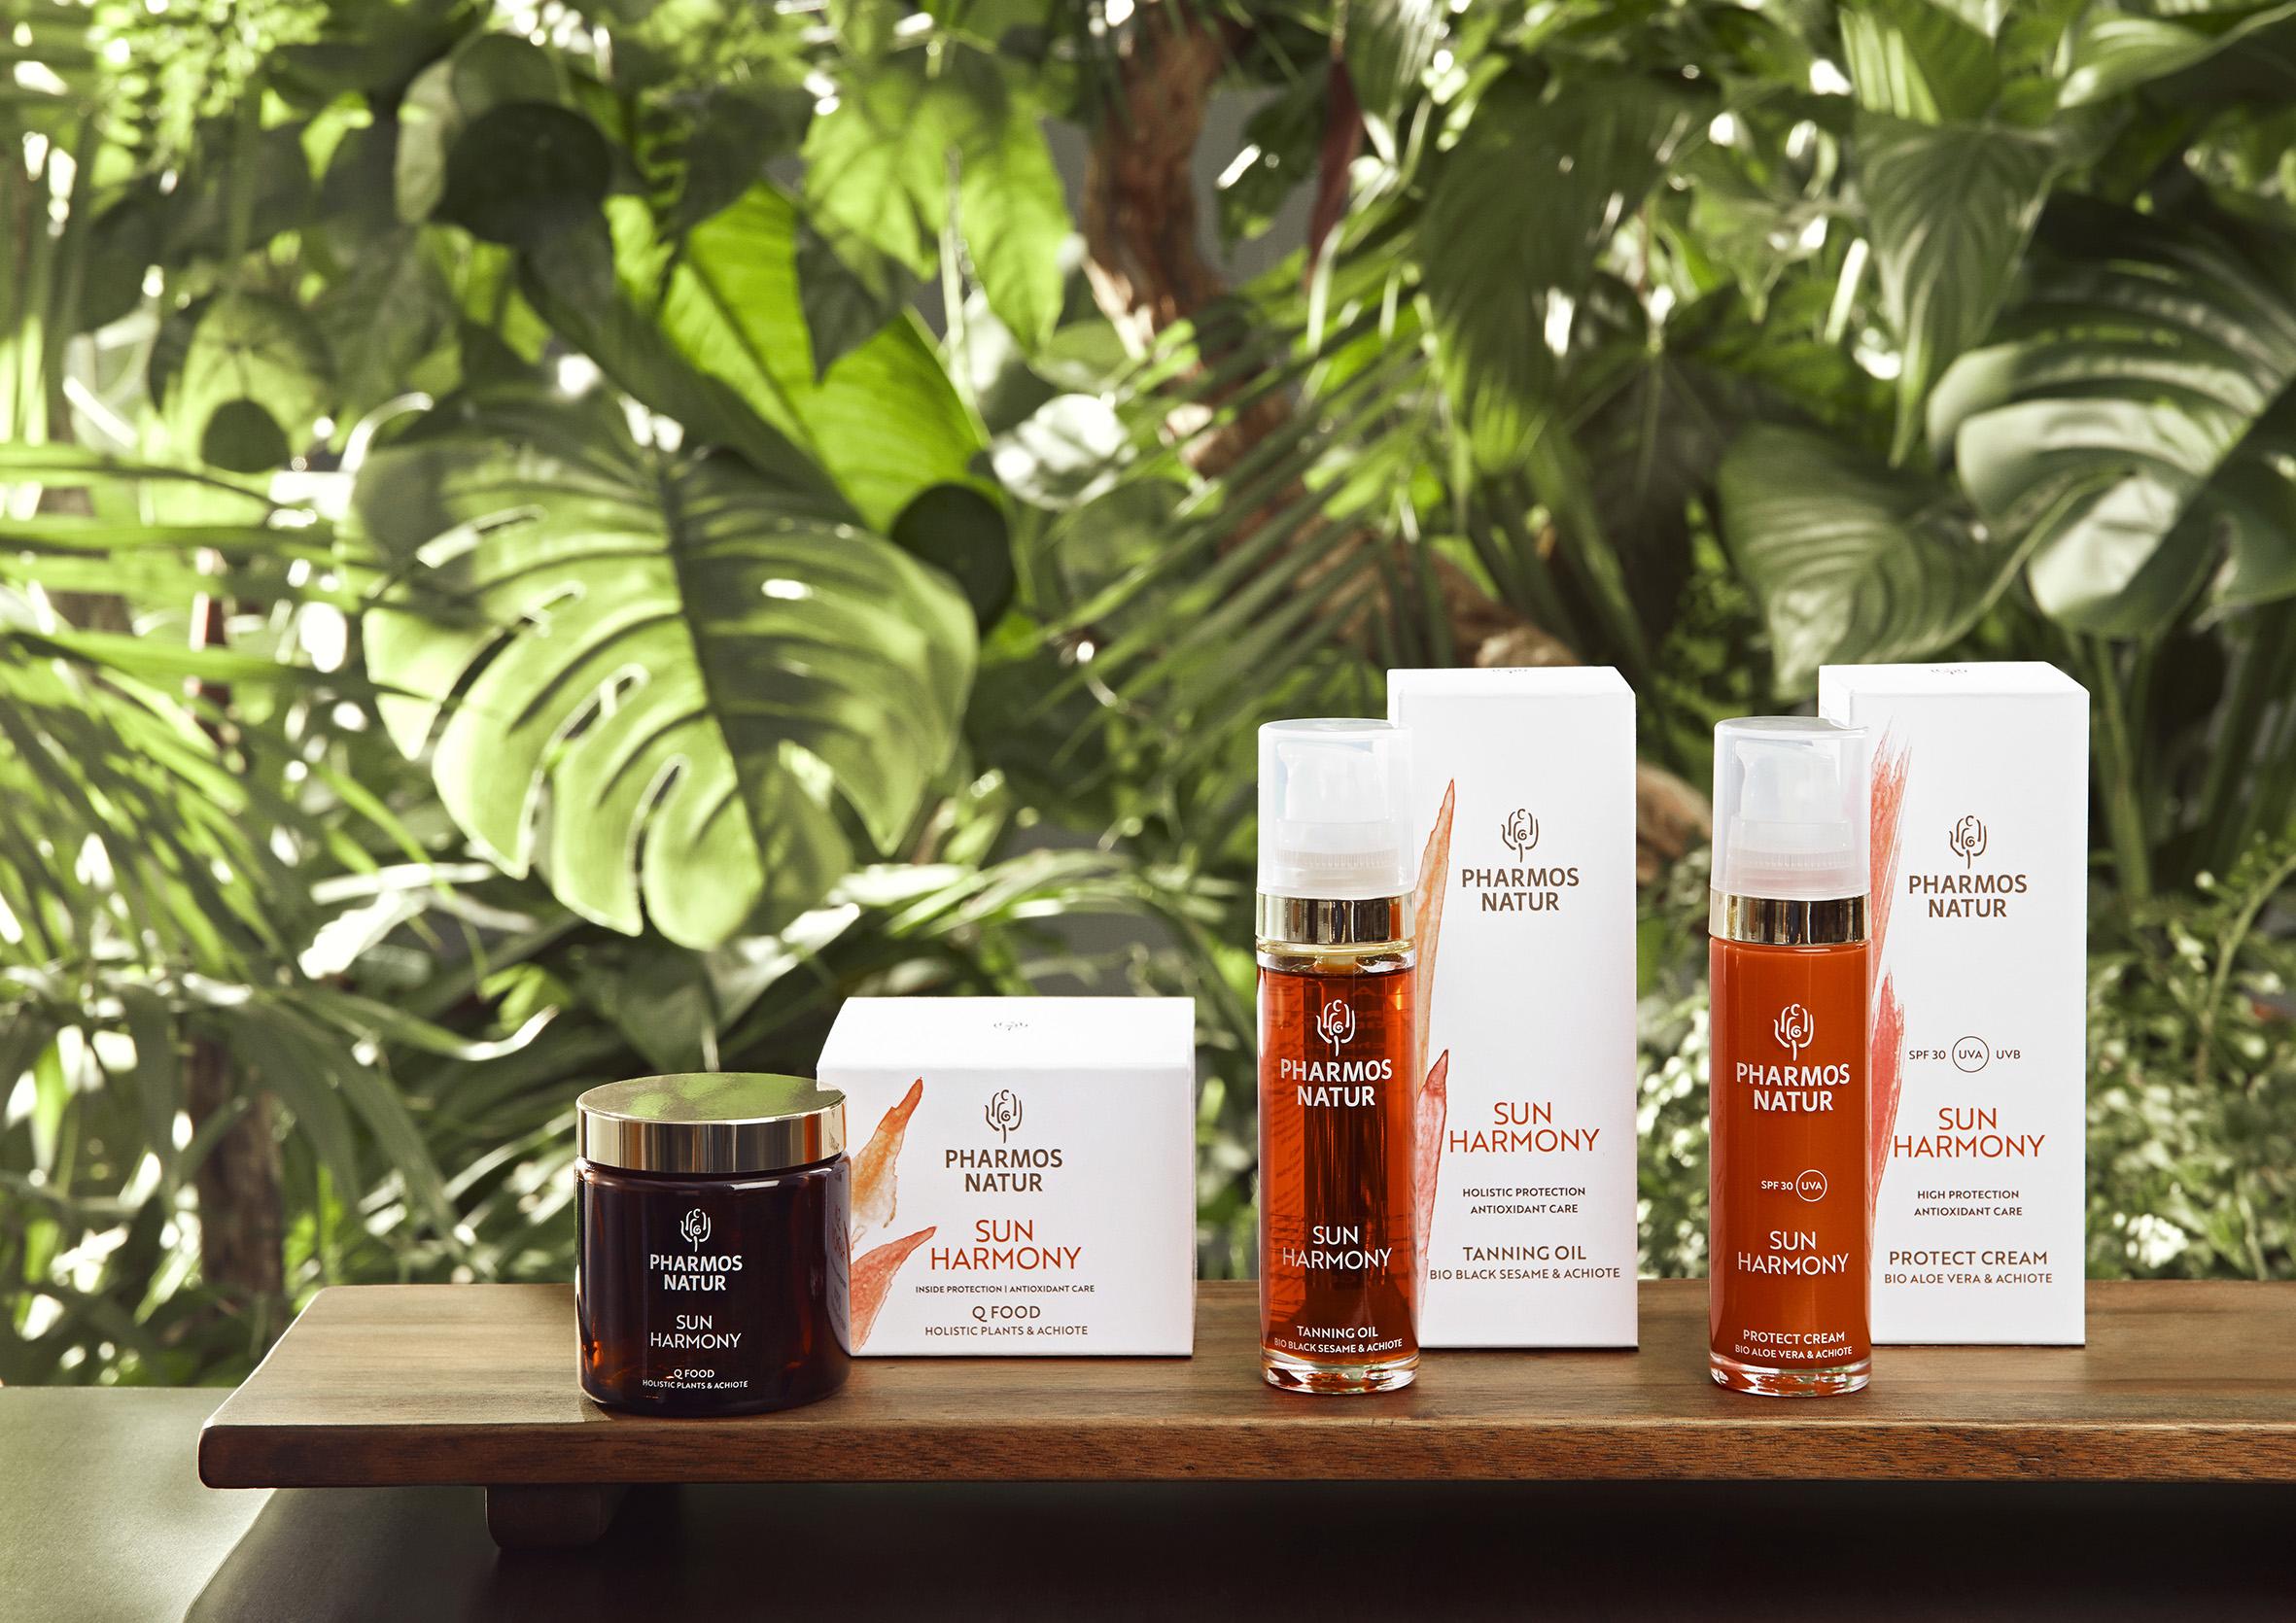 Sun Harmony Produktlinie mit Blättern im Hintergrund